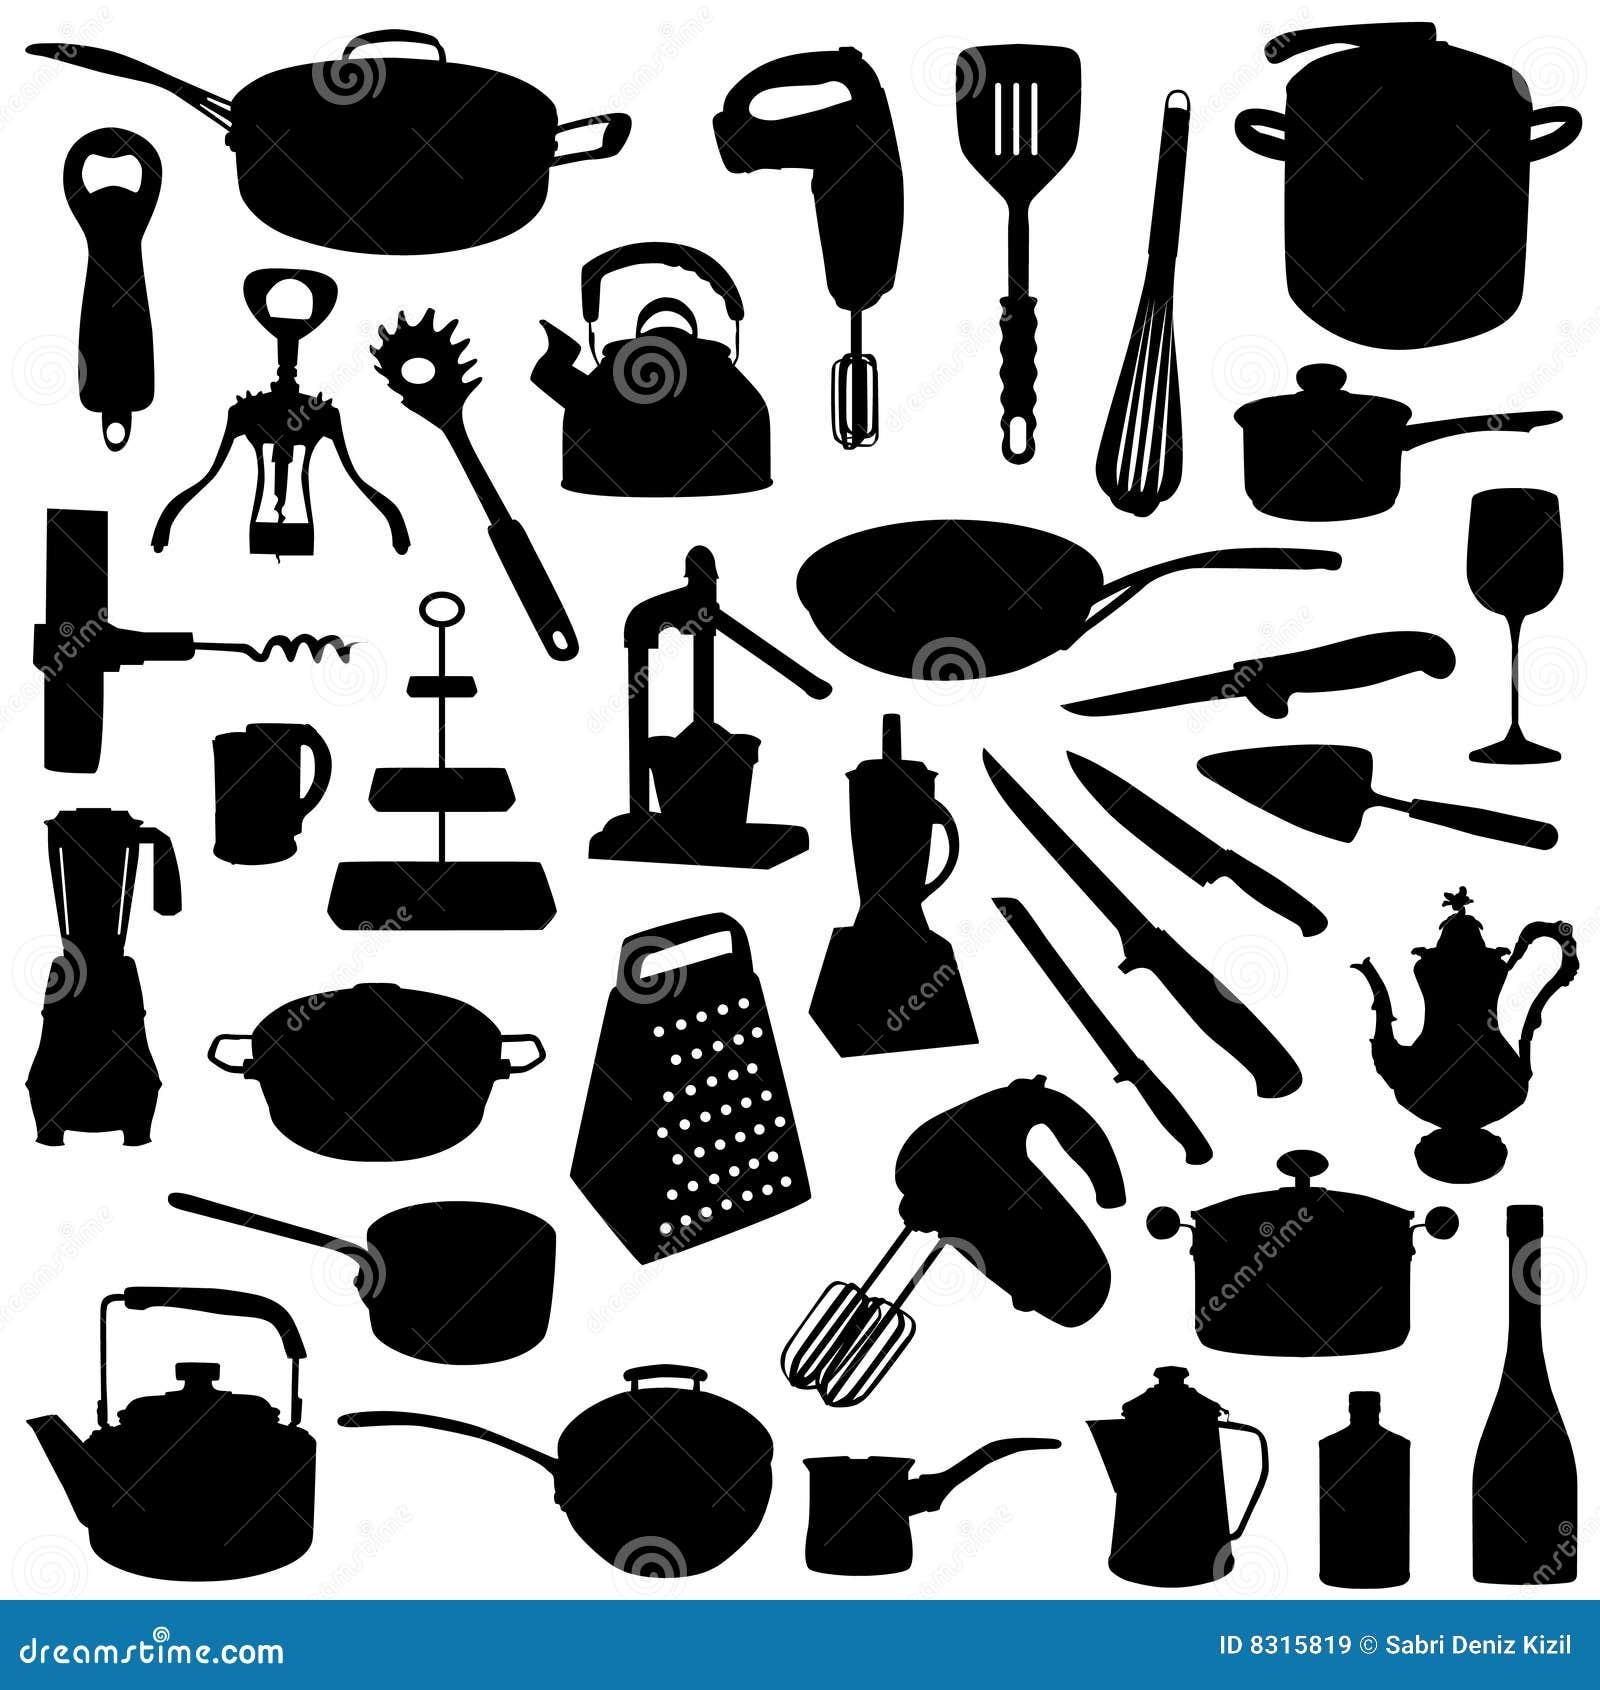 strumenti della cucina immagini stock libere da diritti - immagine ... - Strumenti Cucina